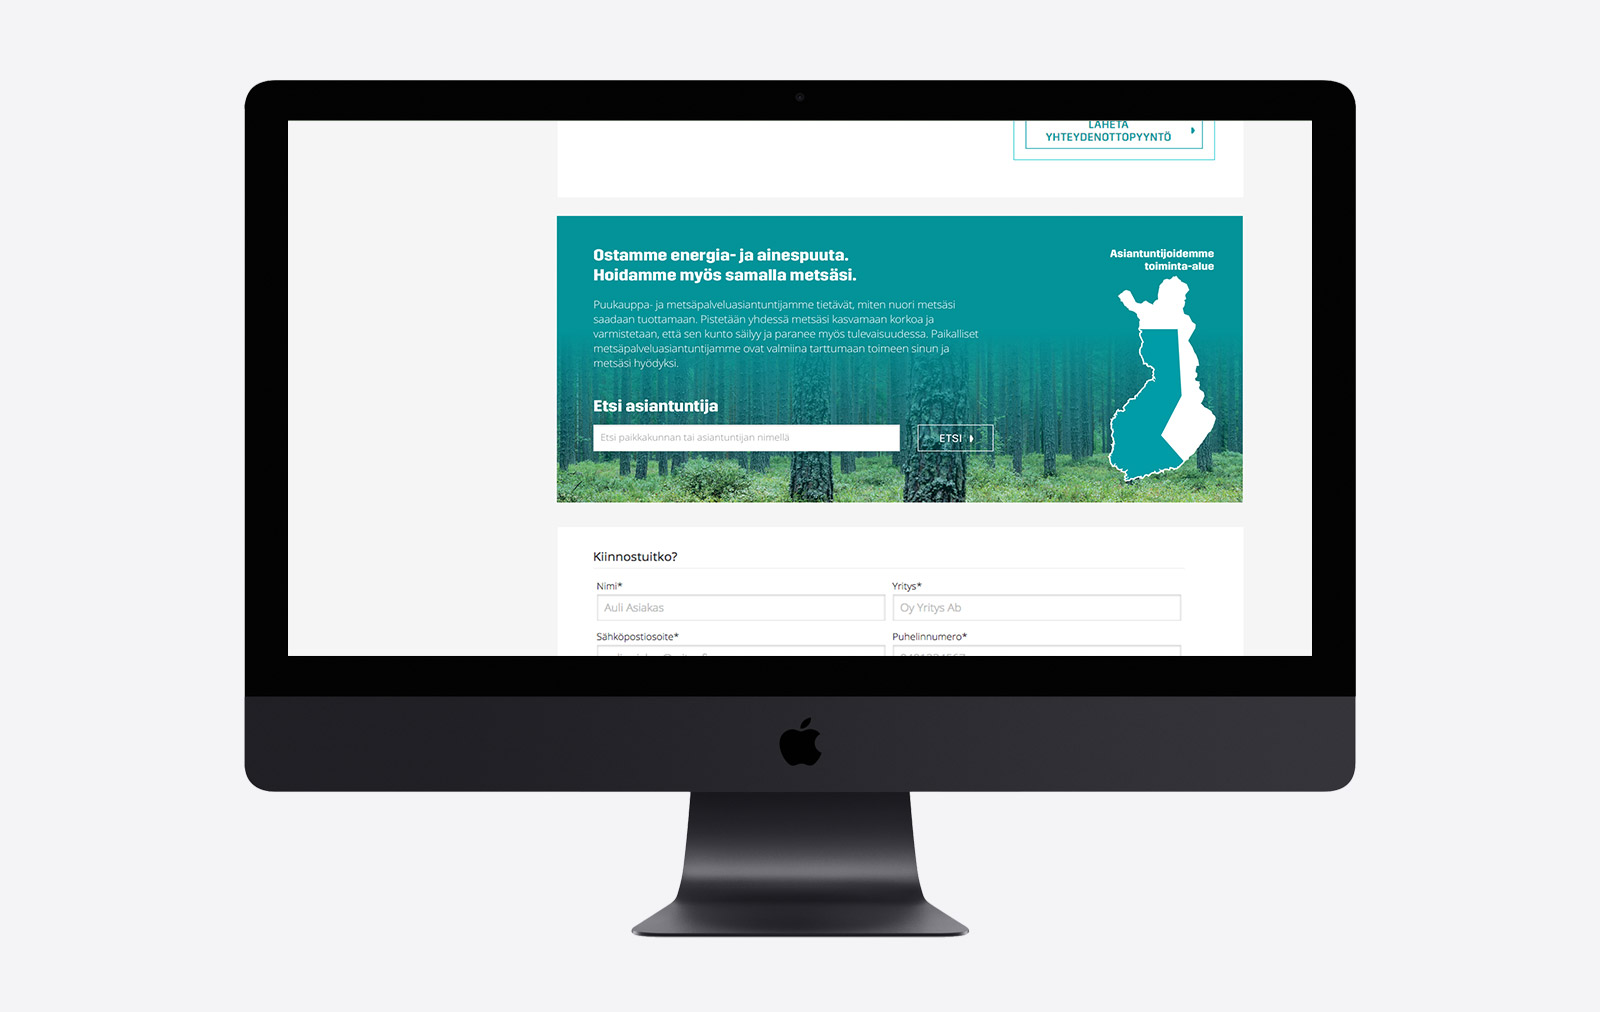 L&T verkkosivusto - Metsäasiantuntijat haku